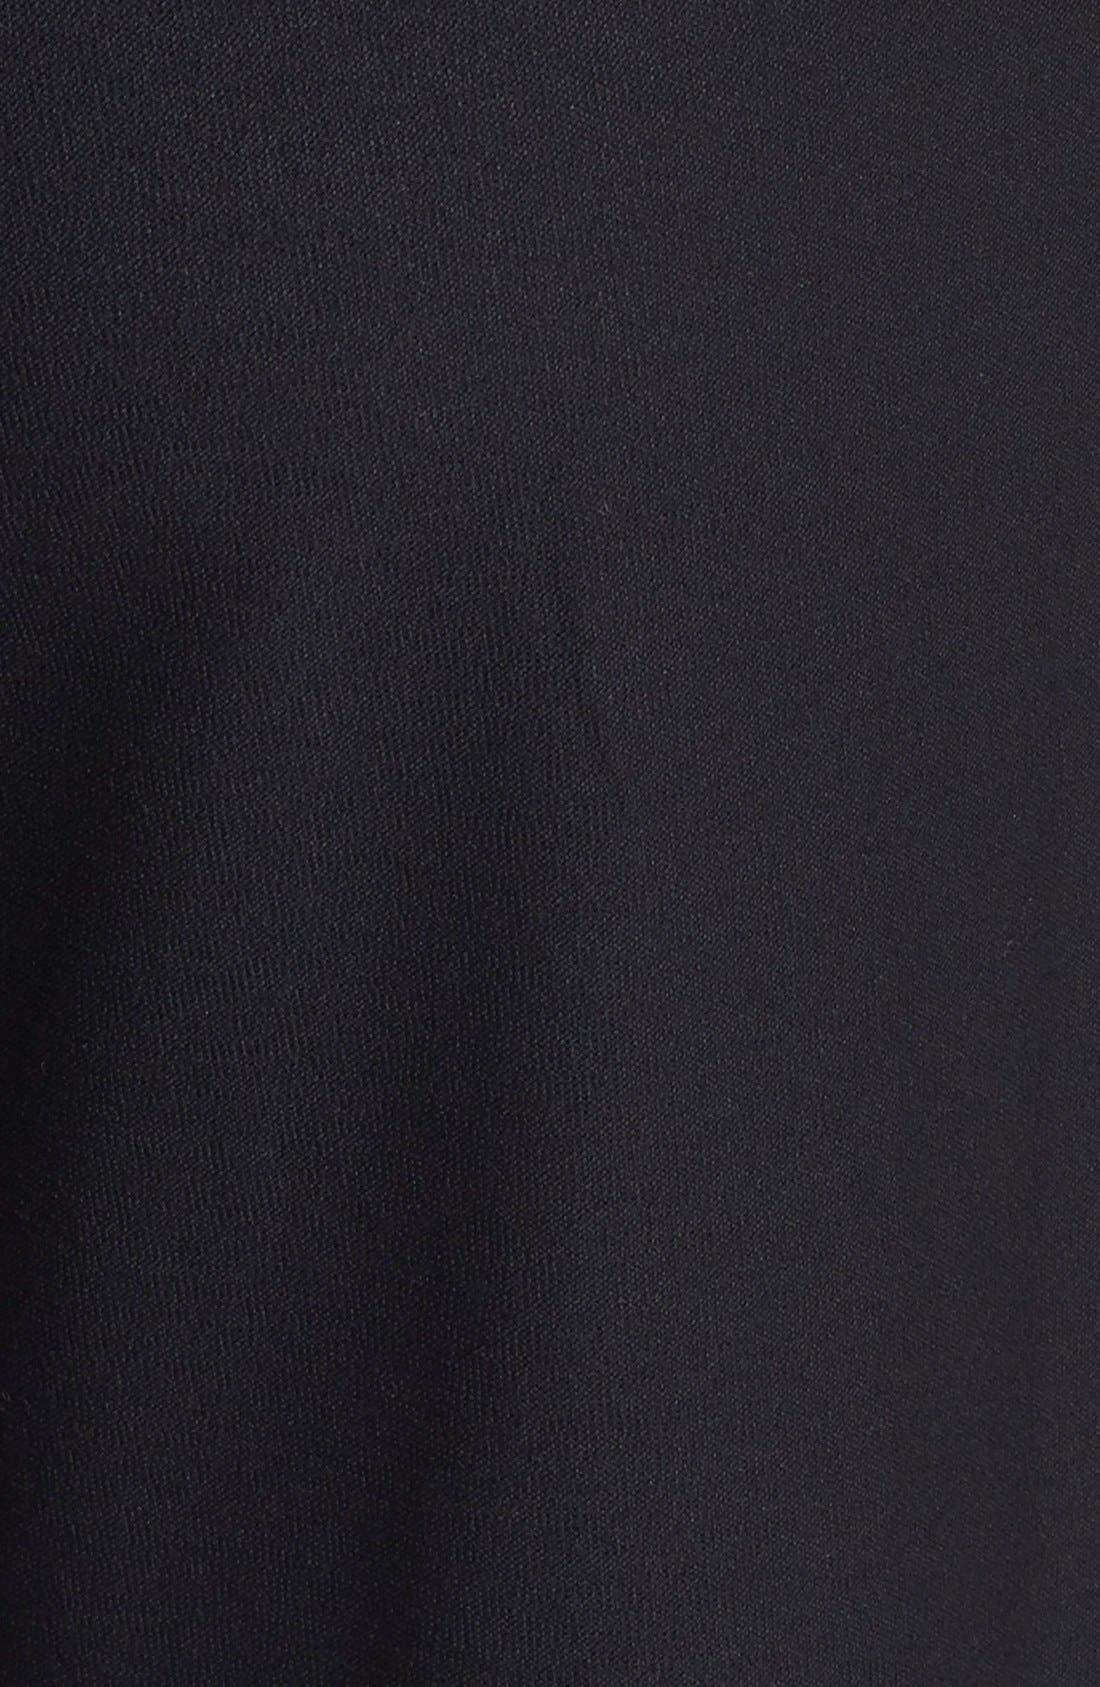 Straight Leg Crepe Pants,                             Alternate thumbnail 3, color,                             BLACK